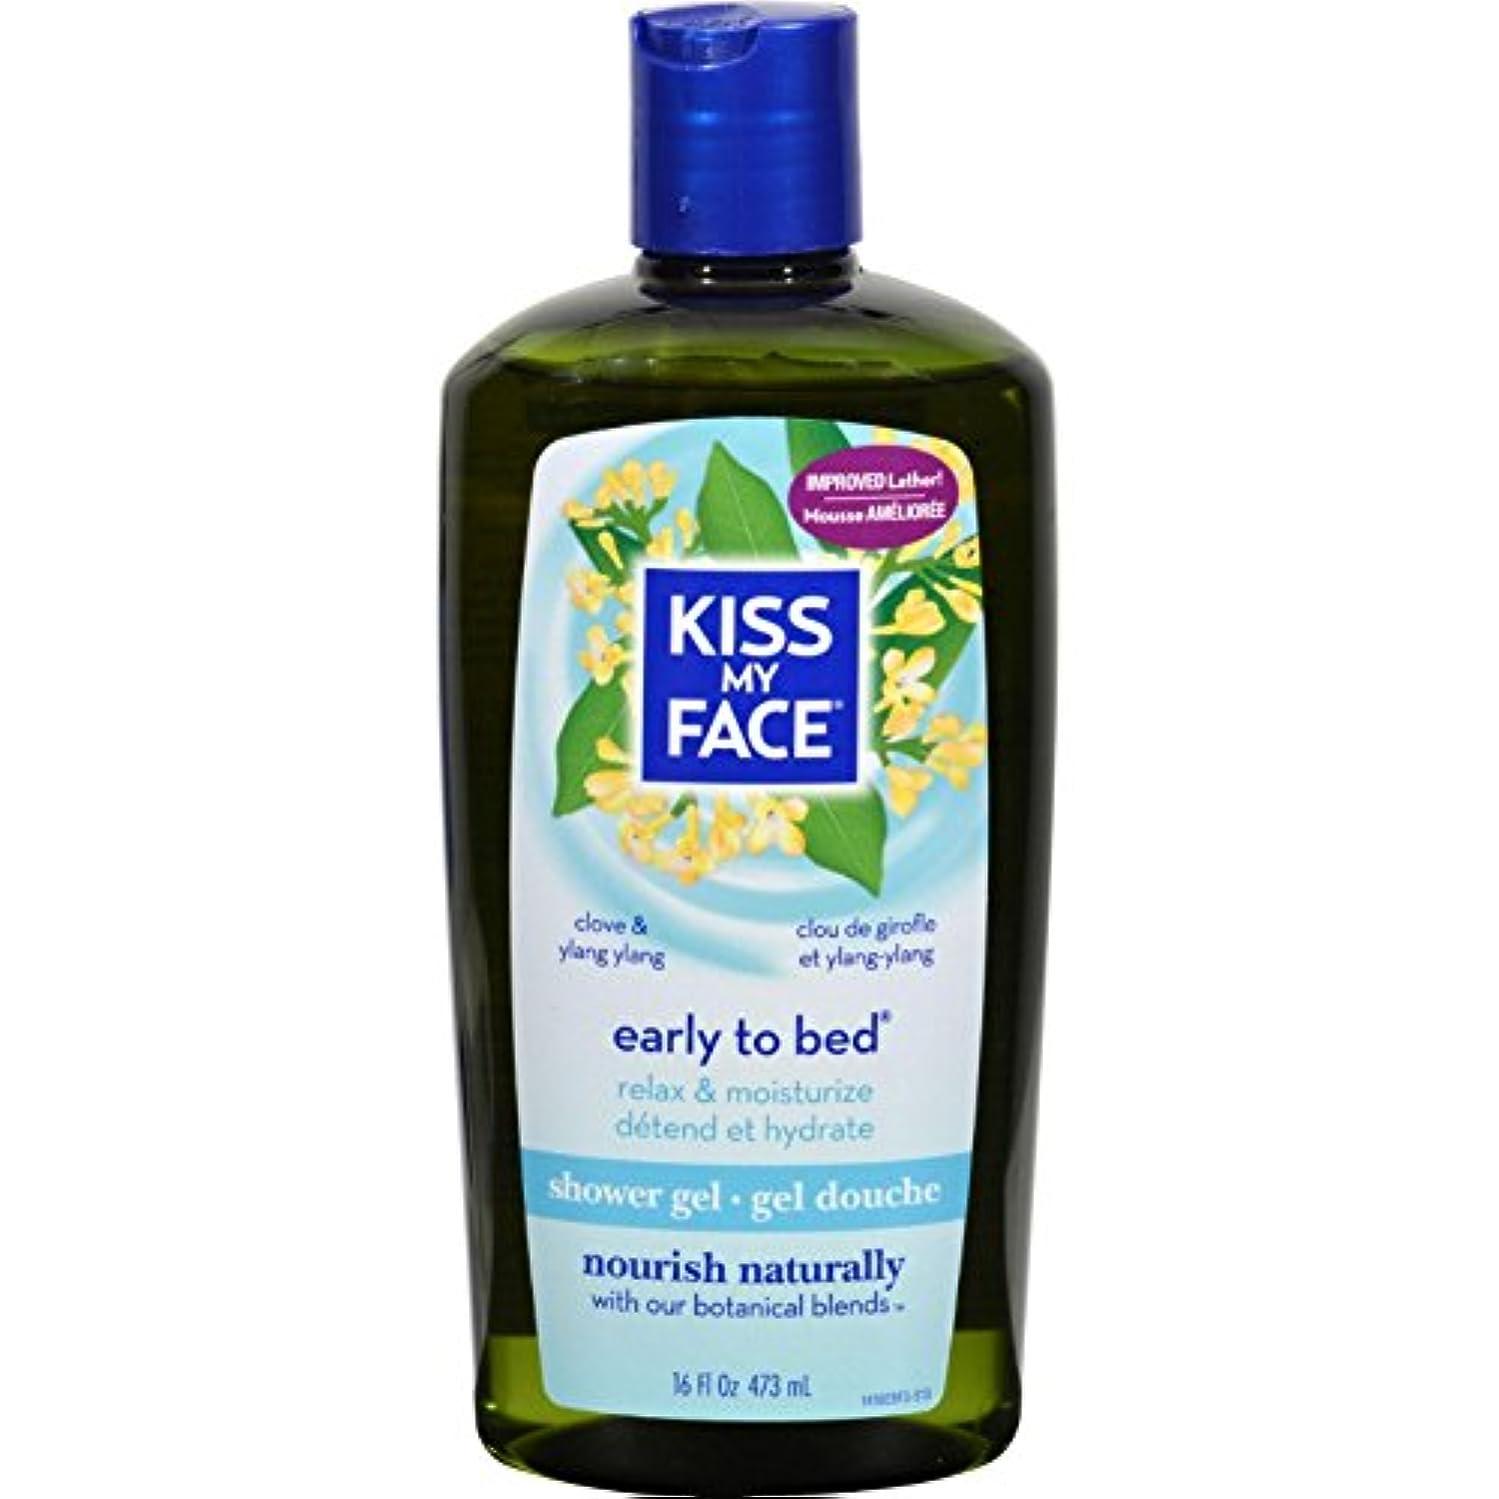 失効特性以降Bath and Shower Gel Early to Bed Clove and Ylang Ylang - 16 fl oz by Kiss My Face